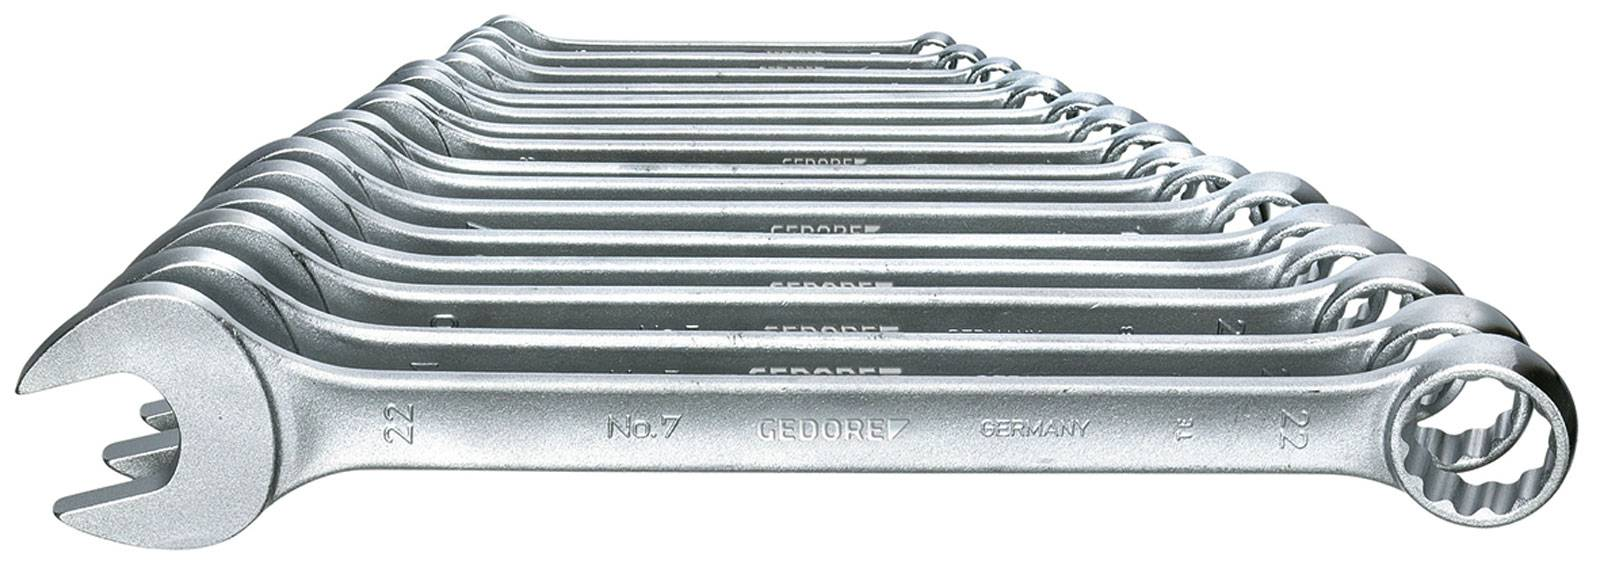 Sada očkoplochých klíčů Gedore 6093580, 6 - 22 mm, 17dílná